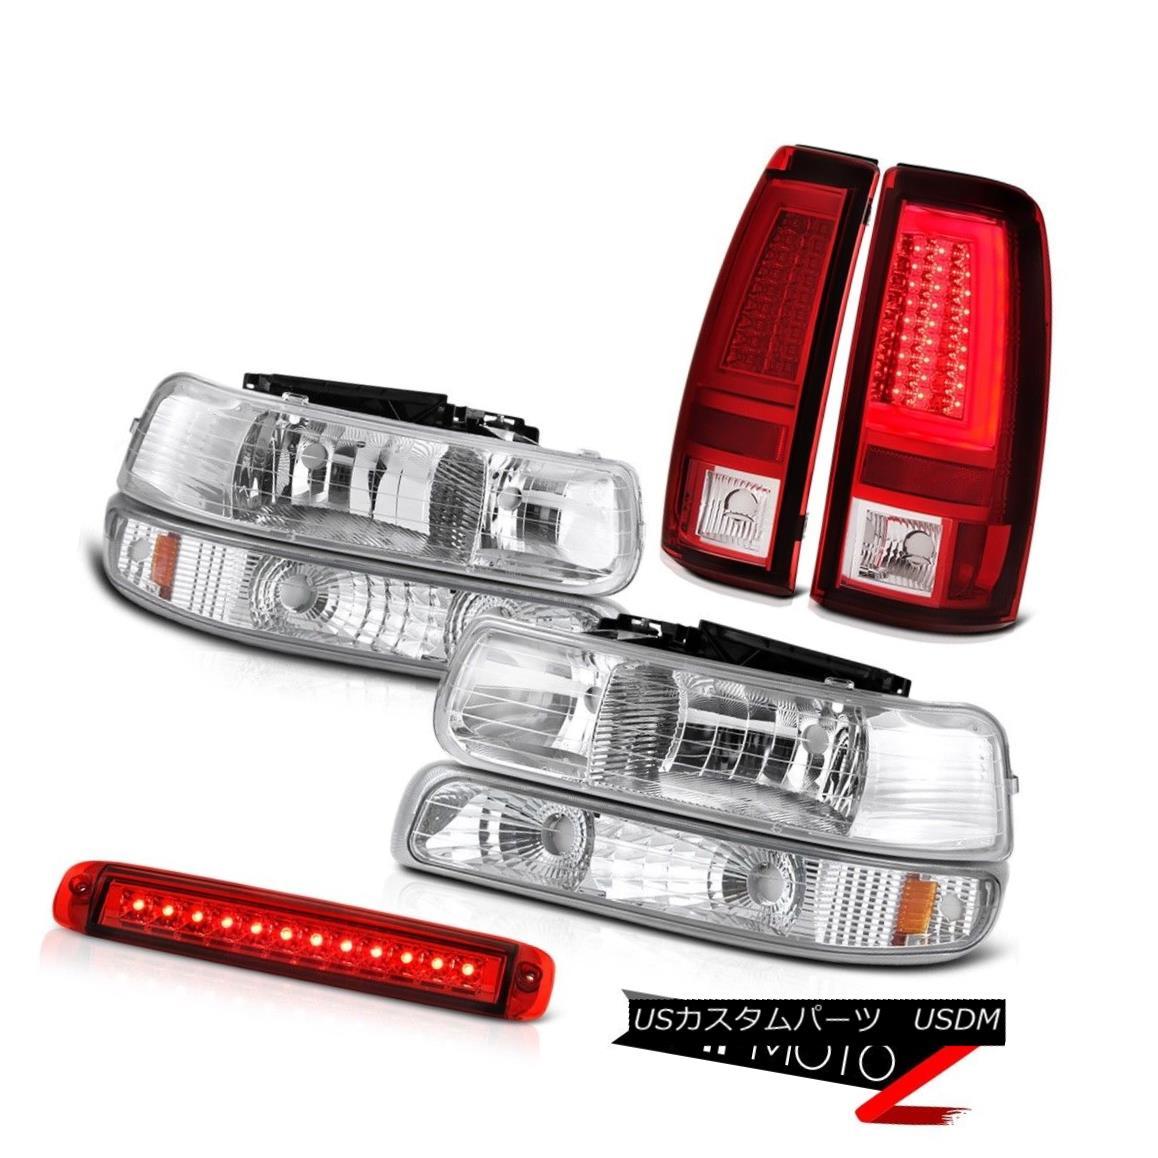 ヘッドライト 99-02 Silverado Z71 Tail Lamps High Stop Lamp Headlamps Signal LED